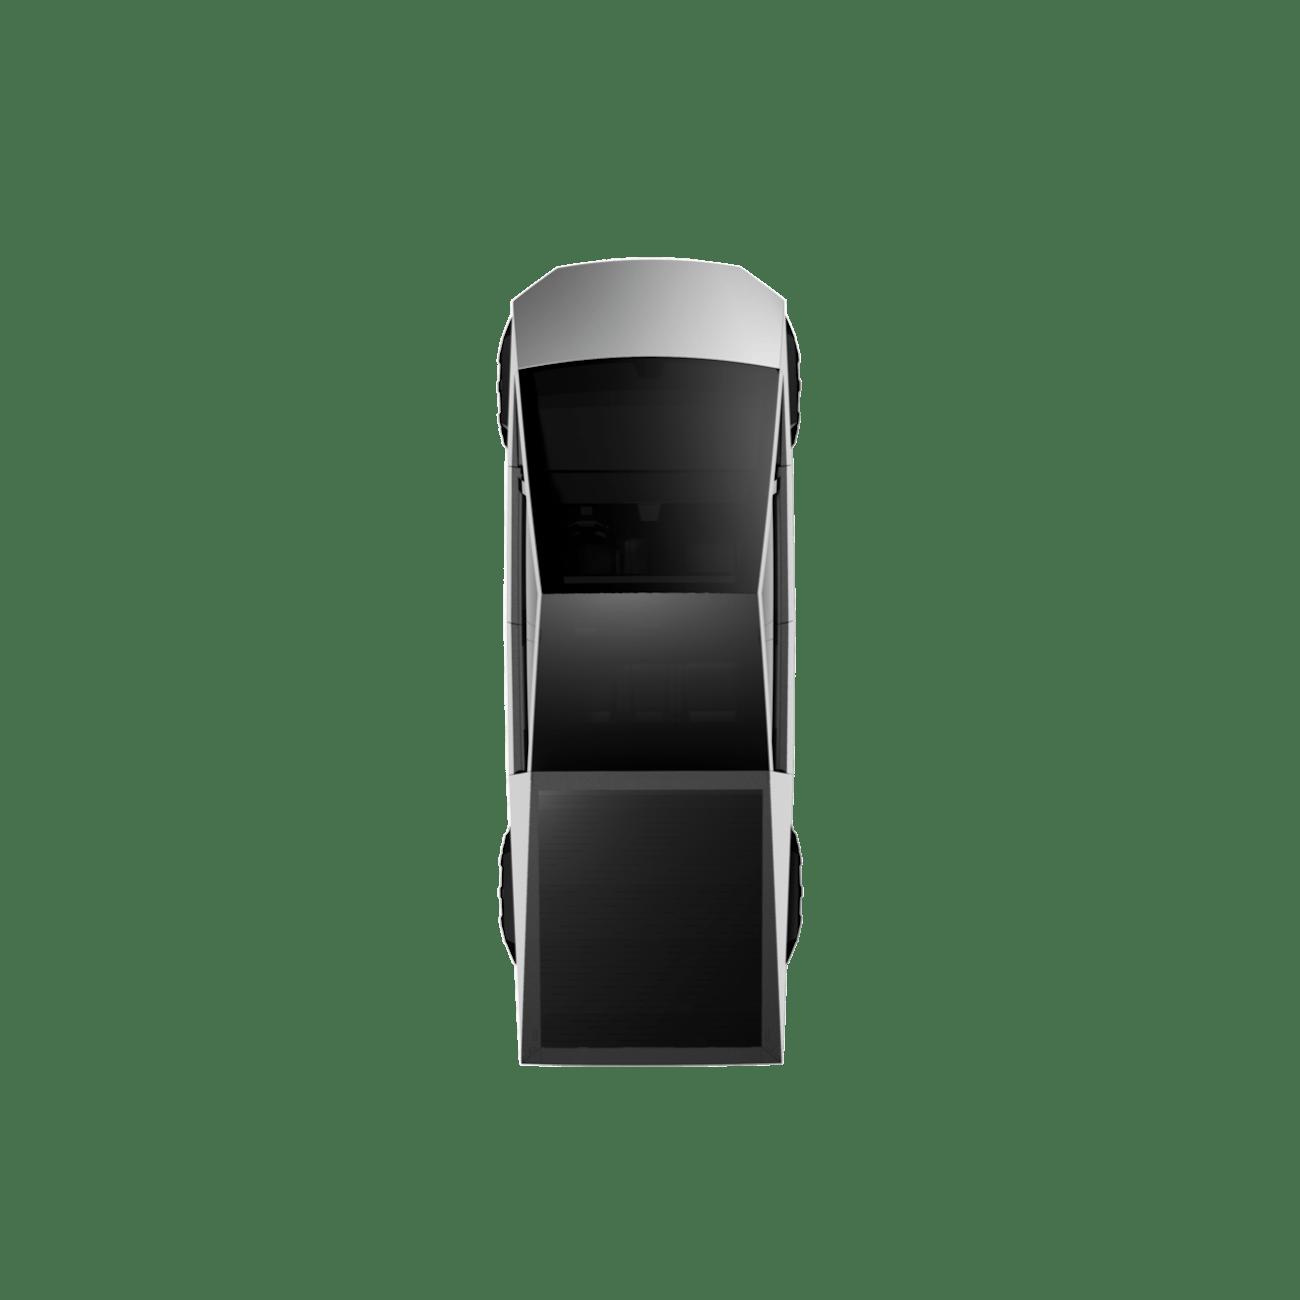 Tesla Cybertruck overhead